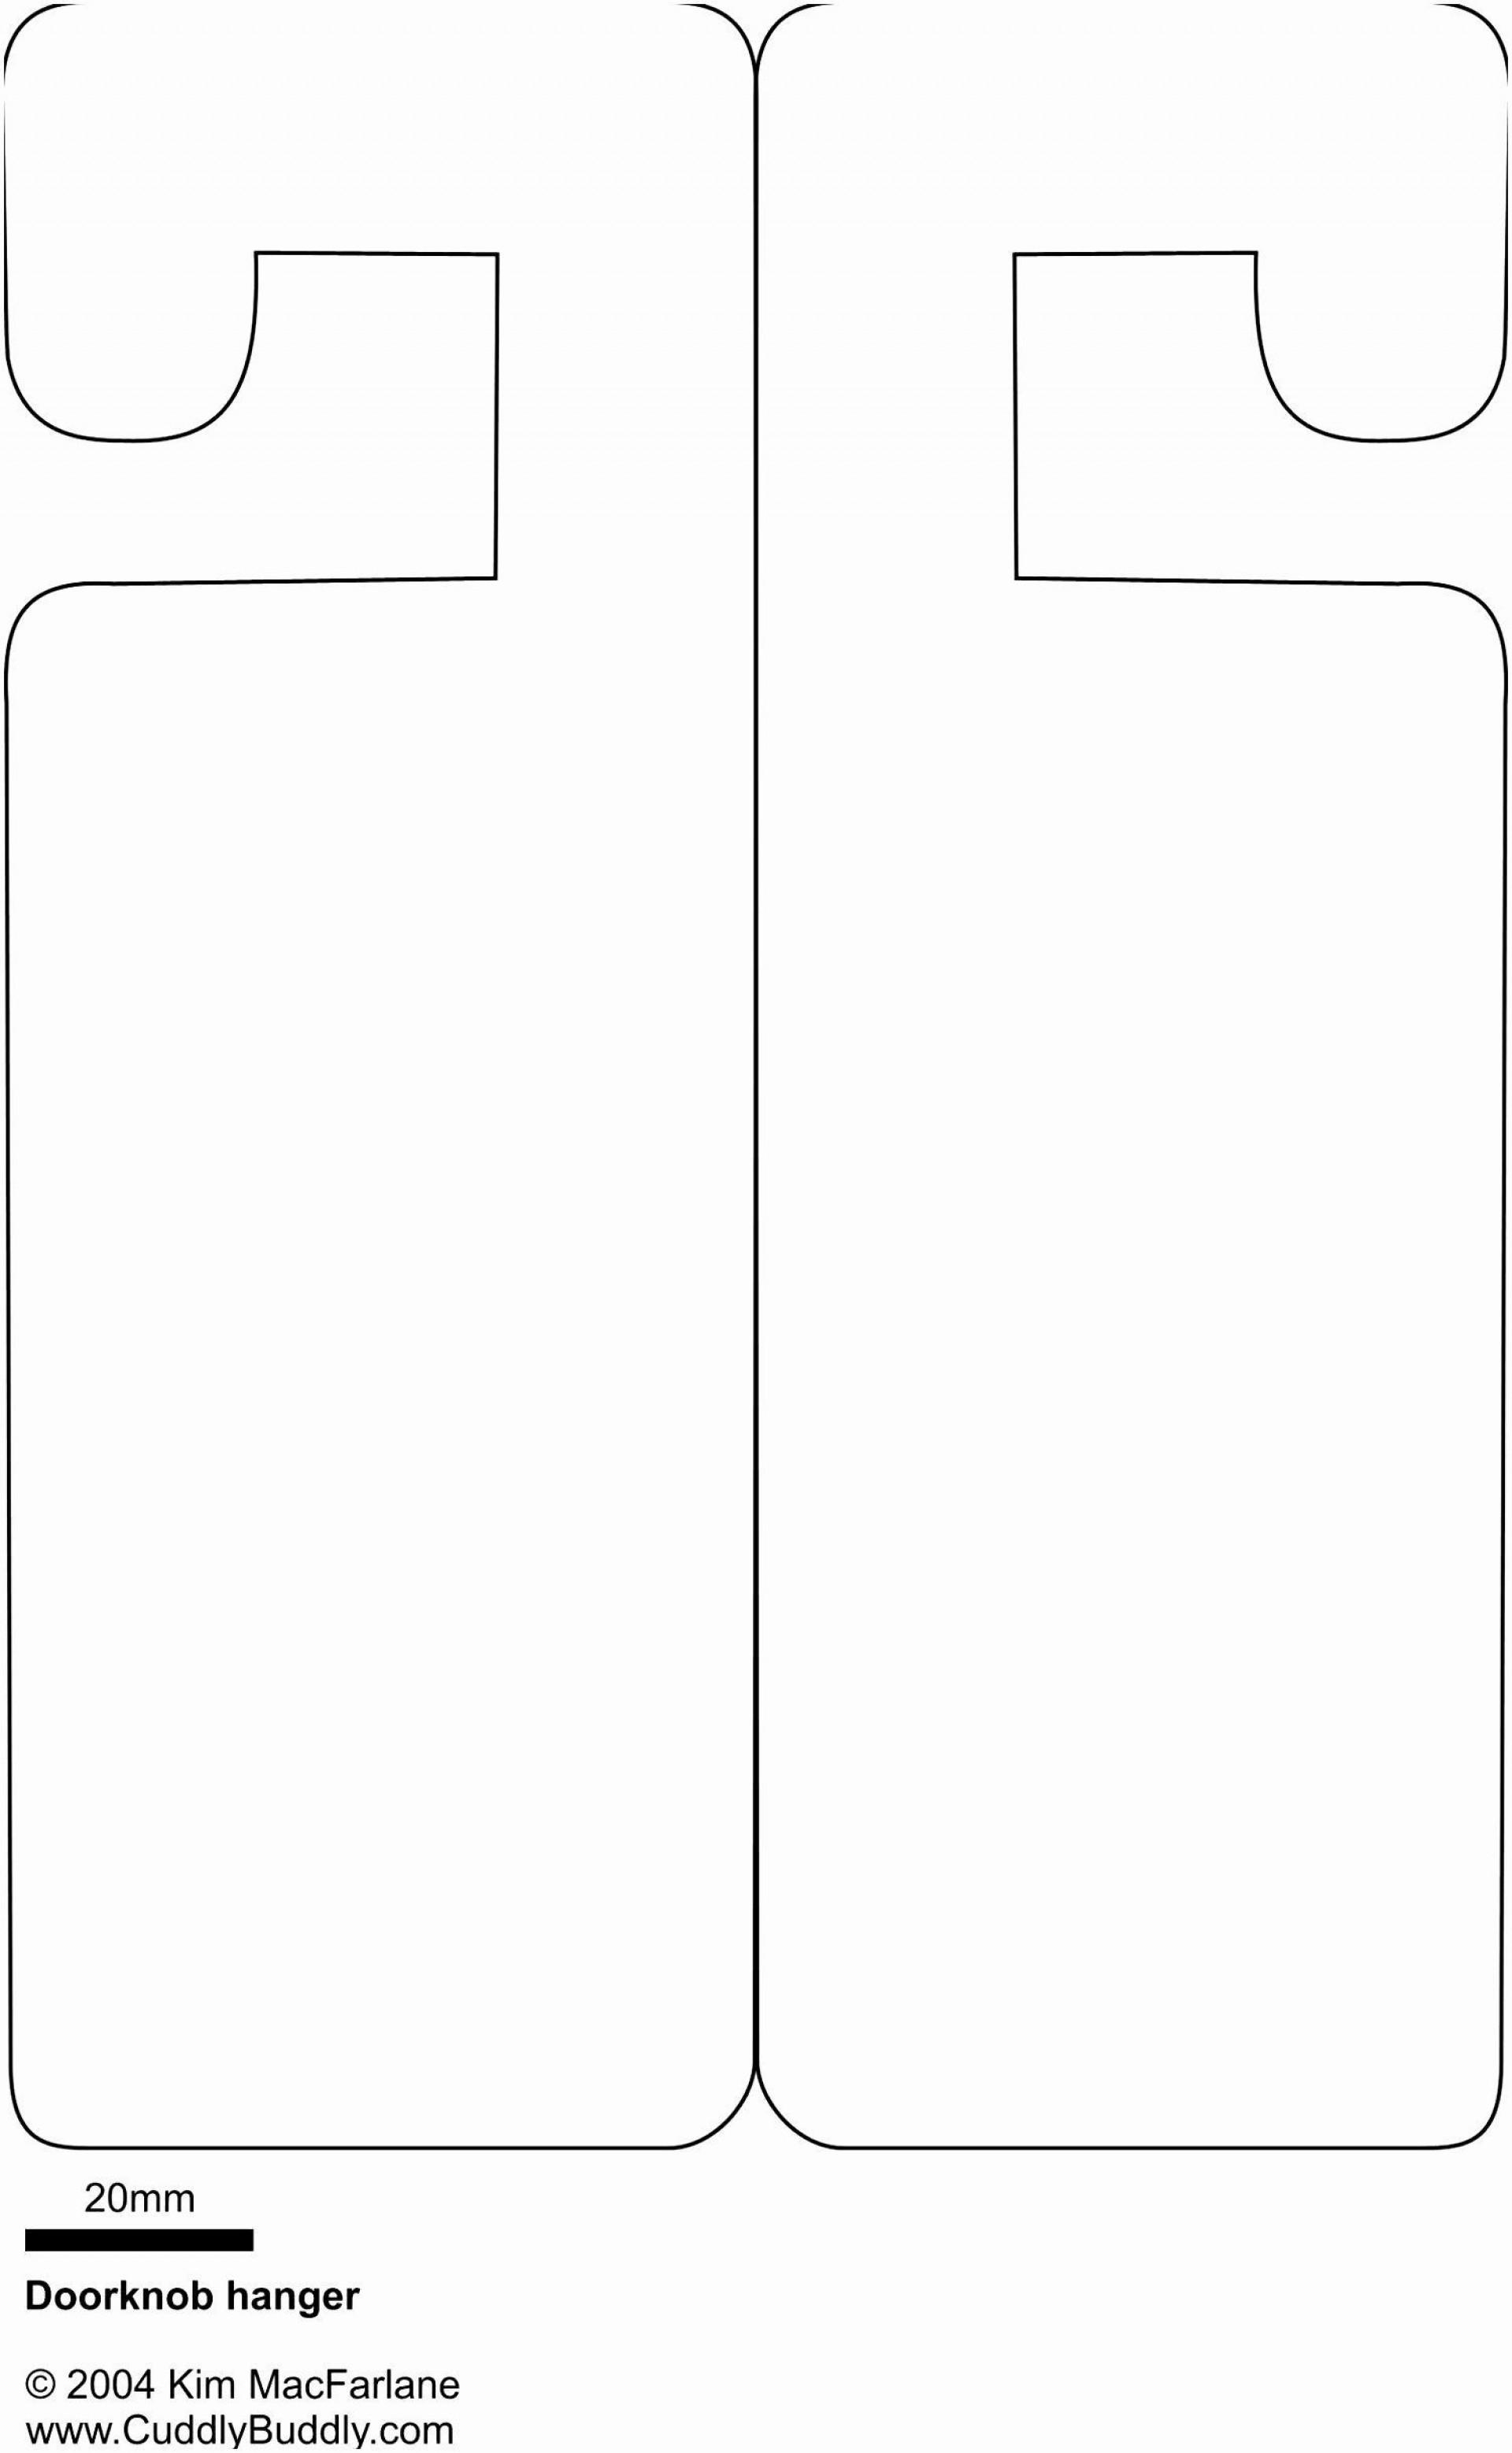 003 Outstanding Word Door Hanger Template Free Image  Microsoft1920